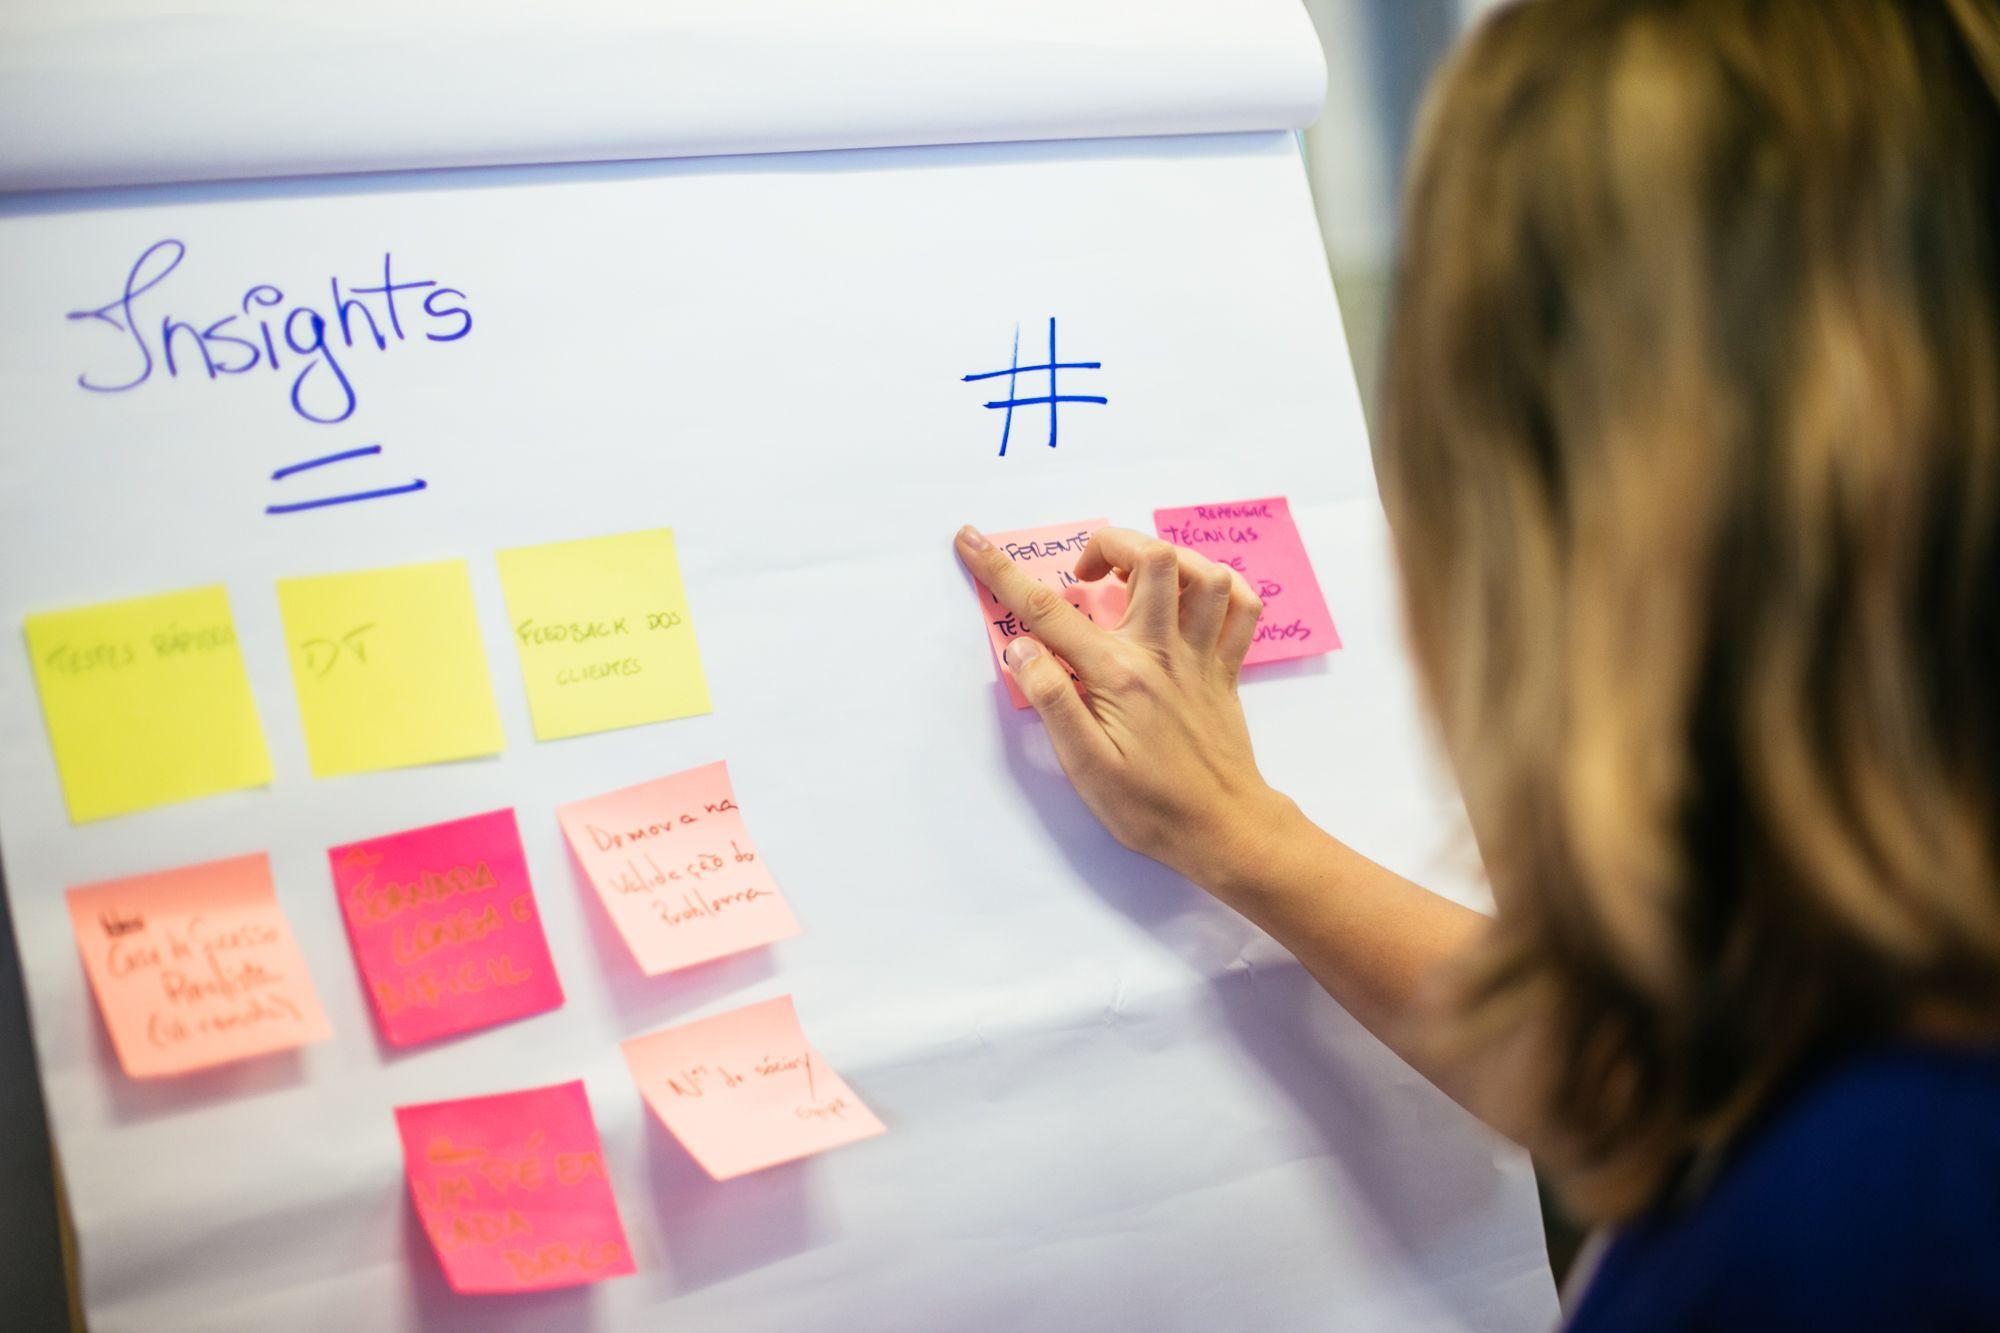 Programa de aceleração de negócios de impacto social focado em Educação & Empregabilidade está com as inscrições abertas